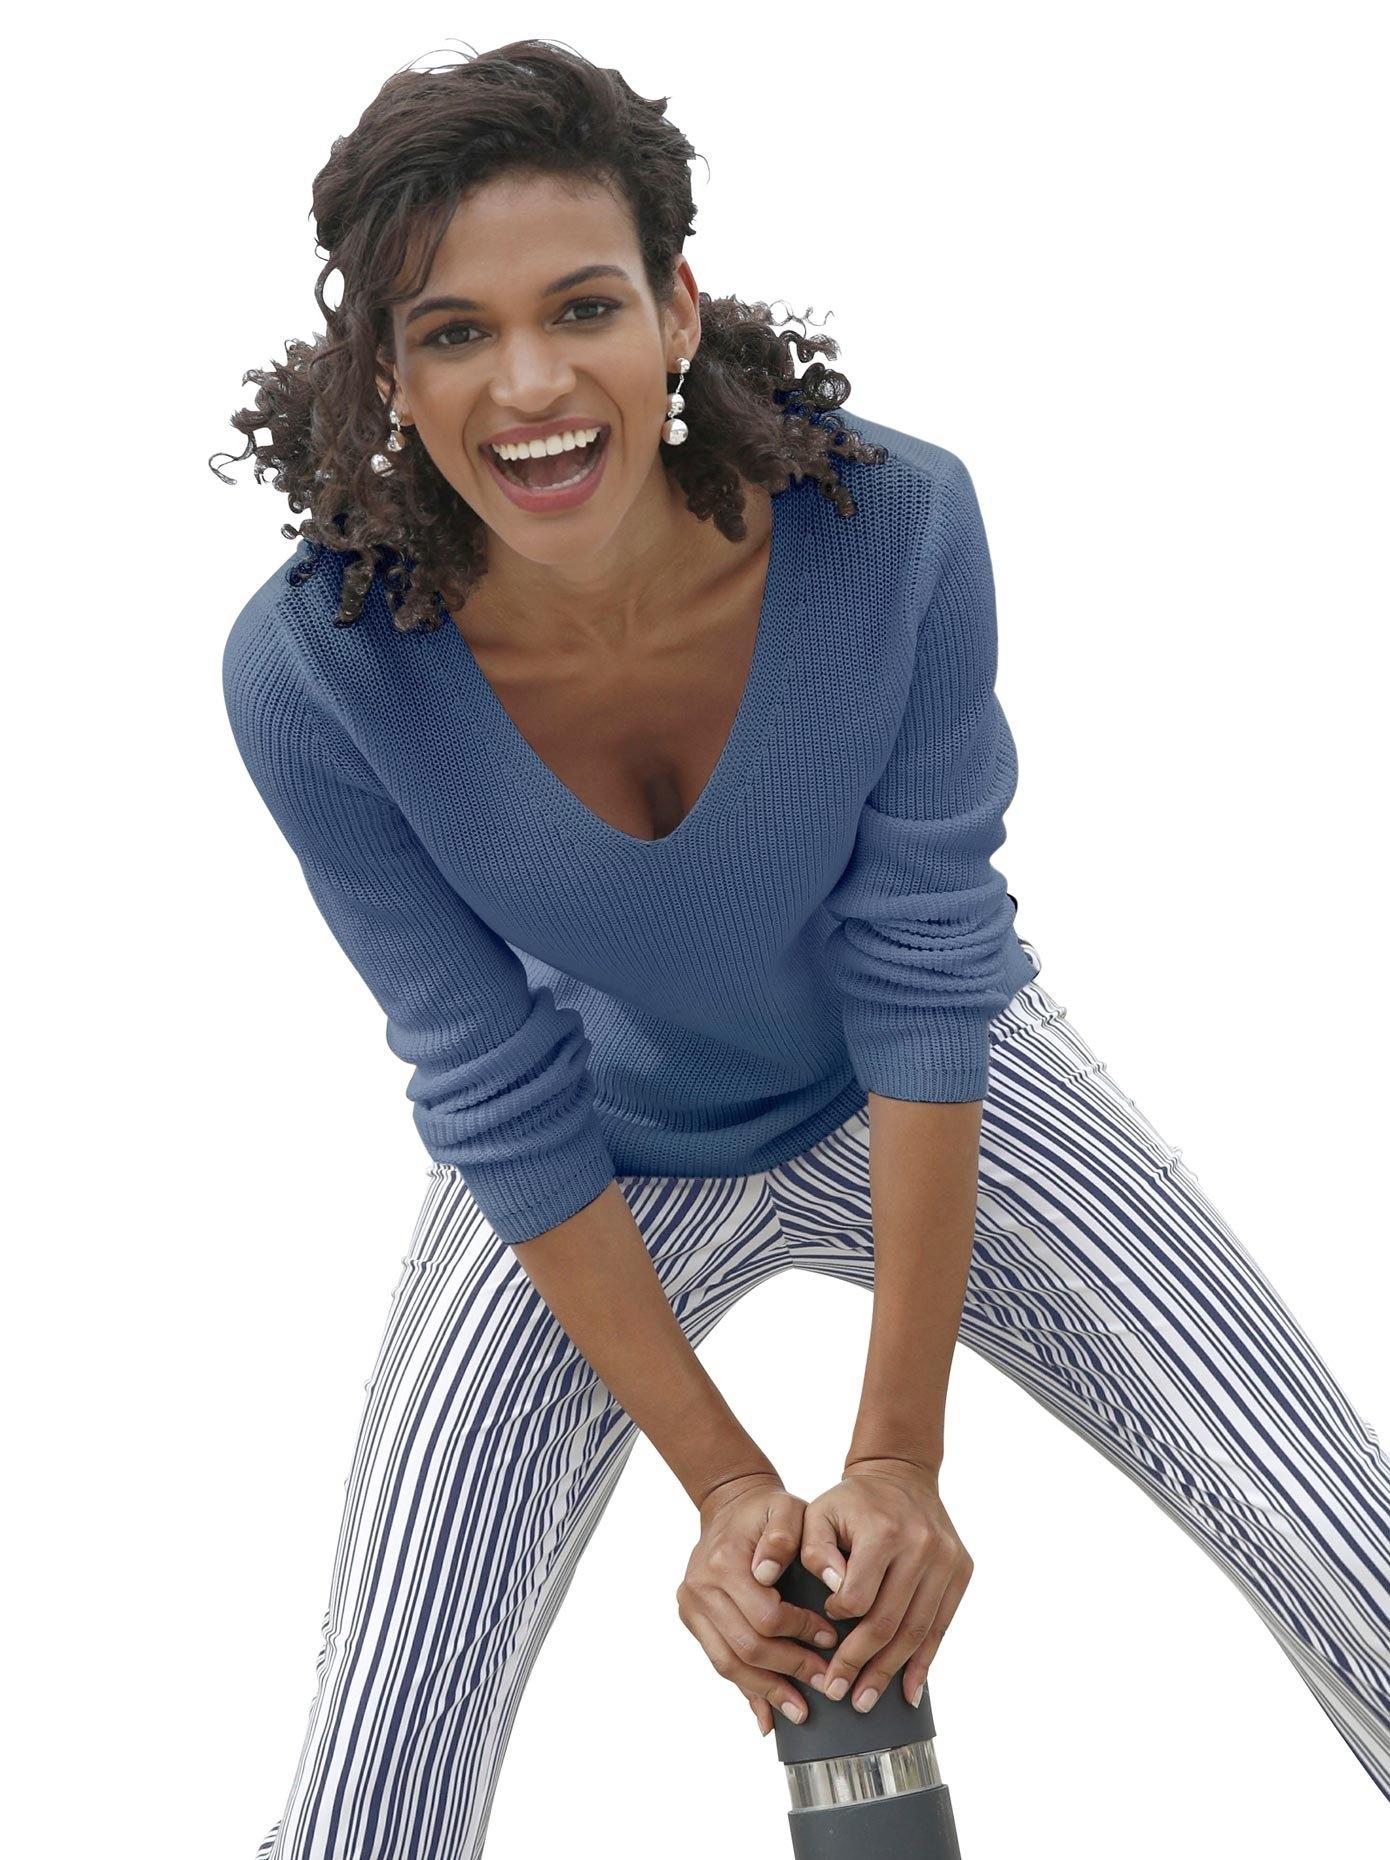 Op zoek naar een Casual Looks trui met V-hals Trui? Koop online bij OTTO